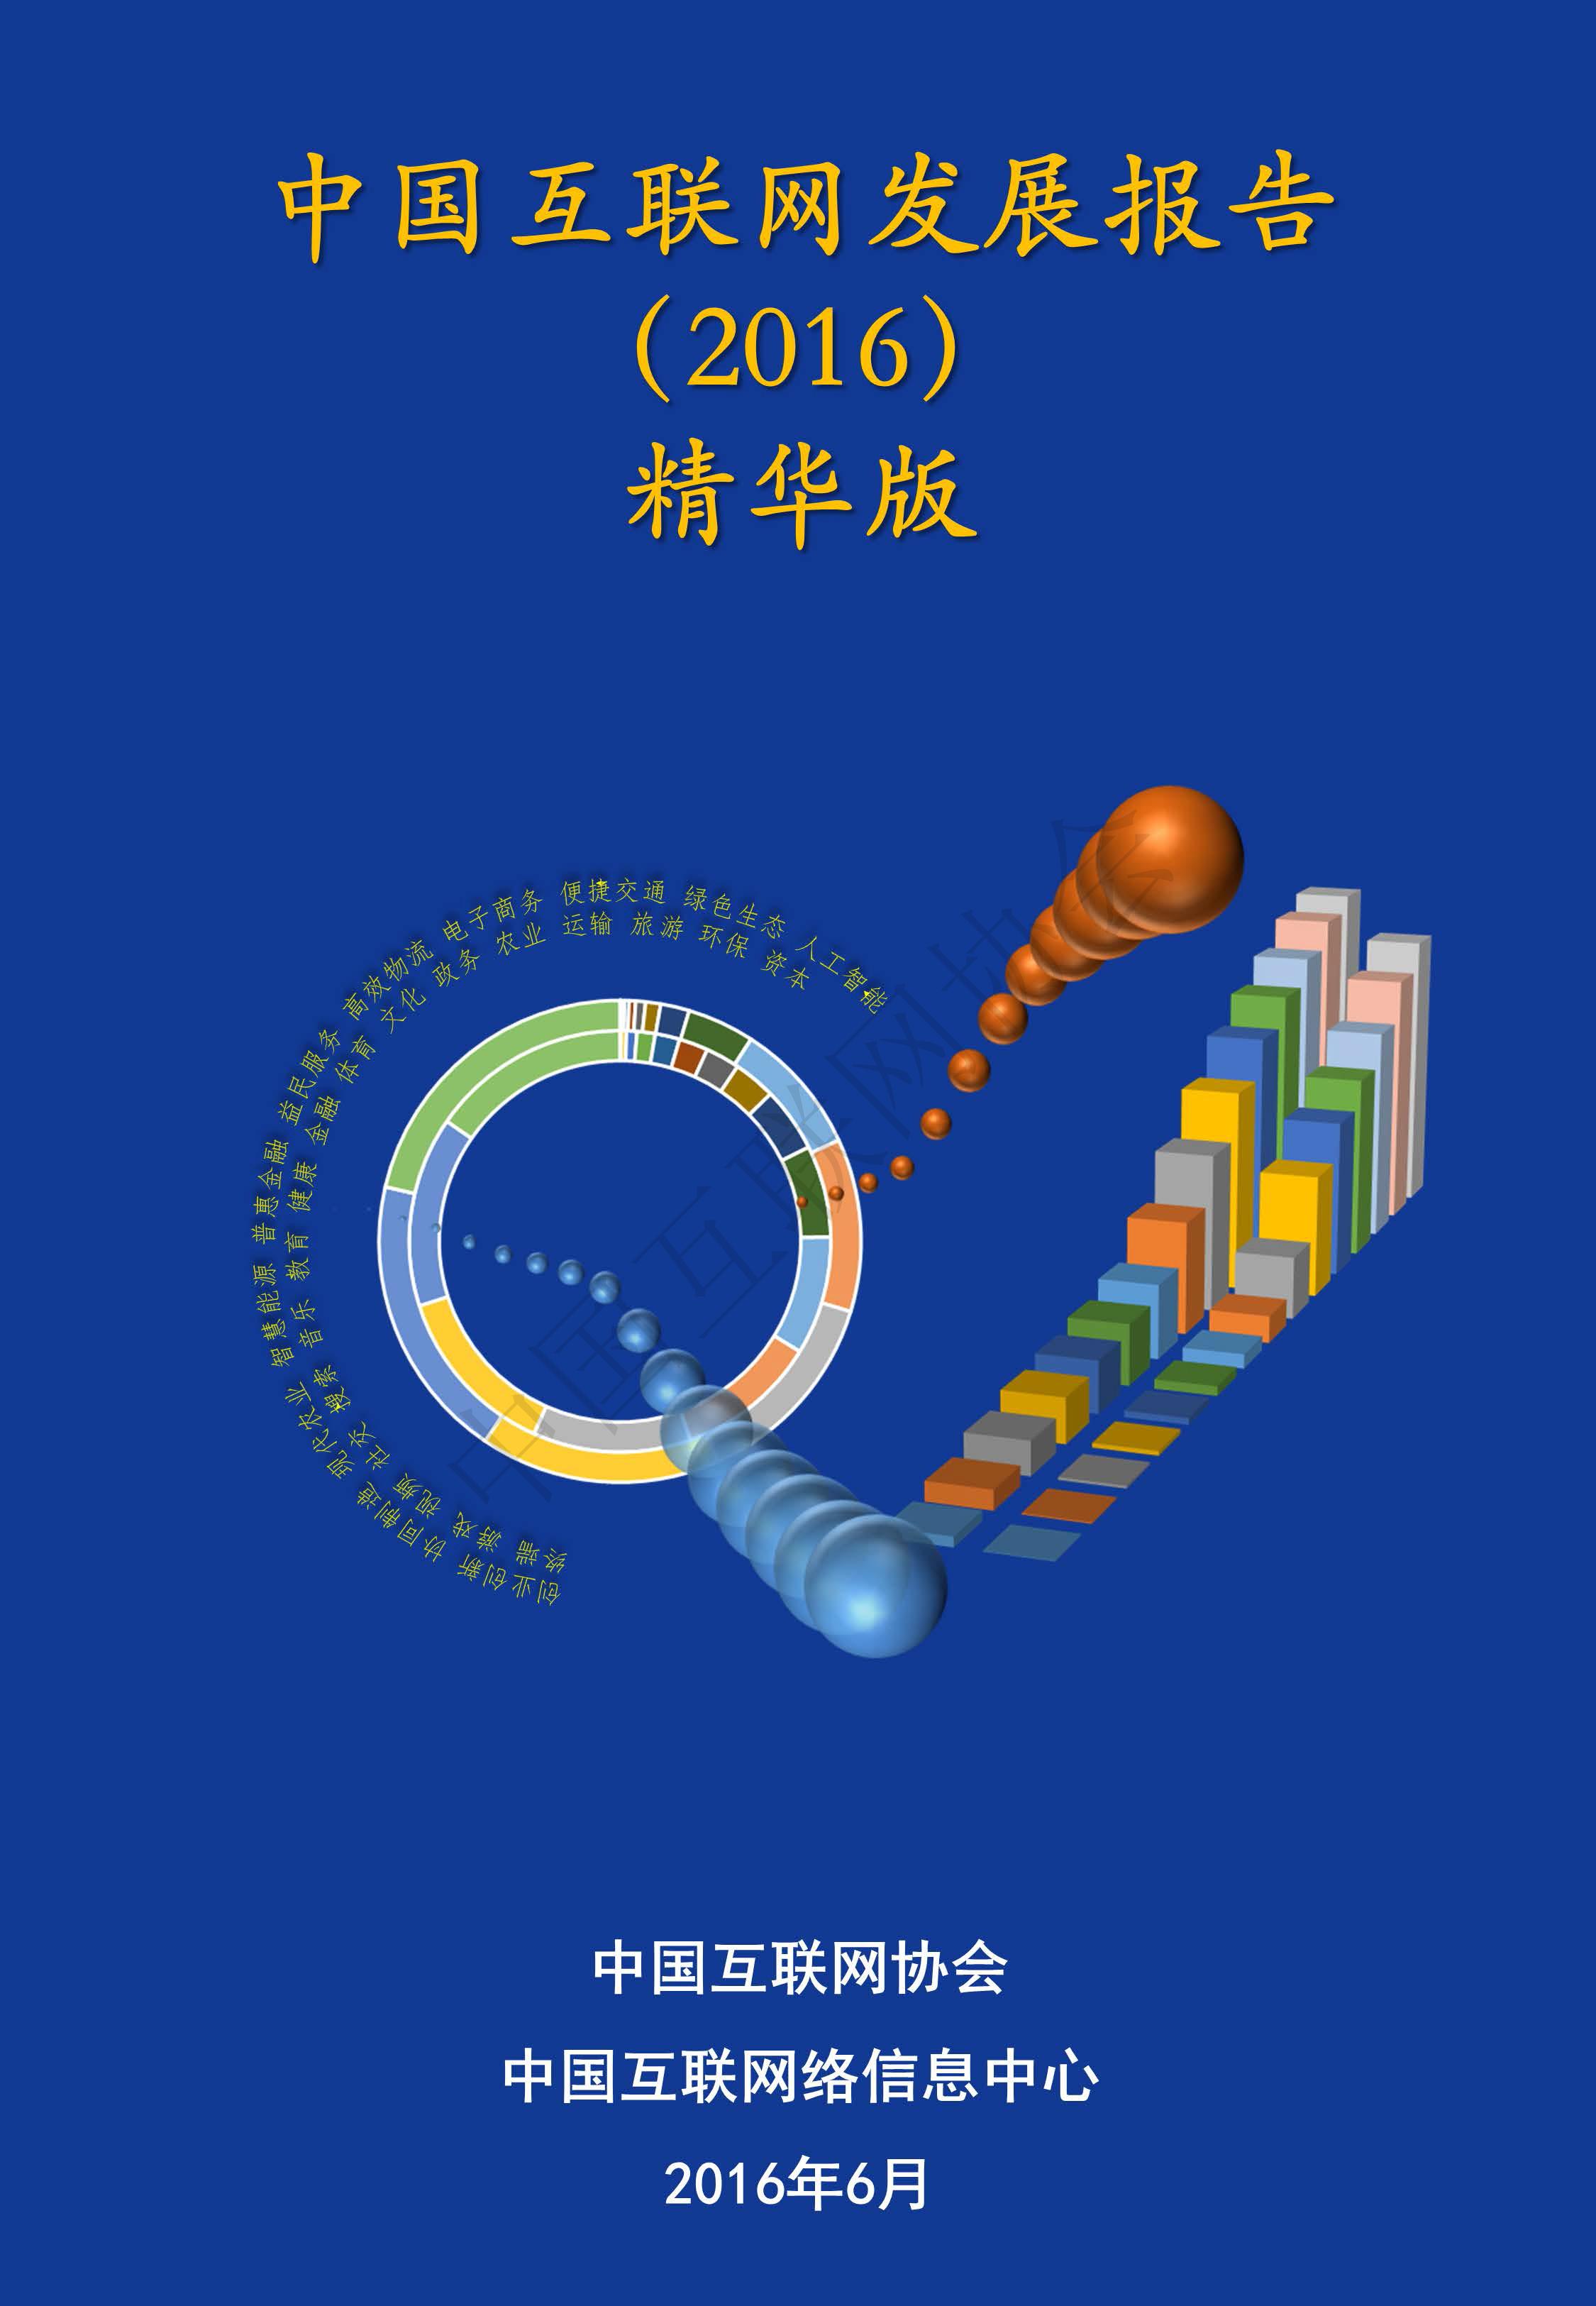 中国网授权发布《2016中国互联网发展报告》